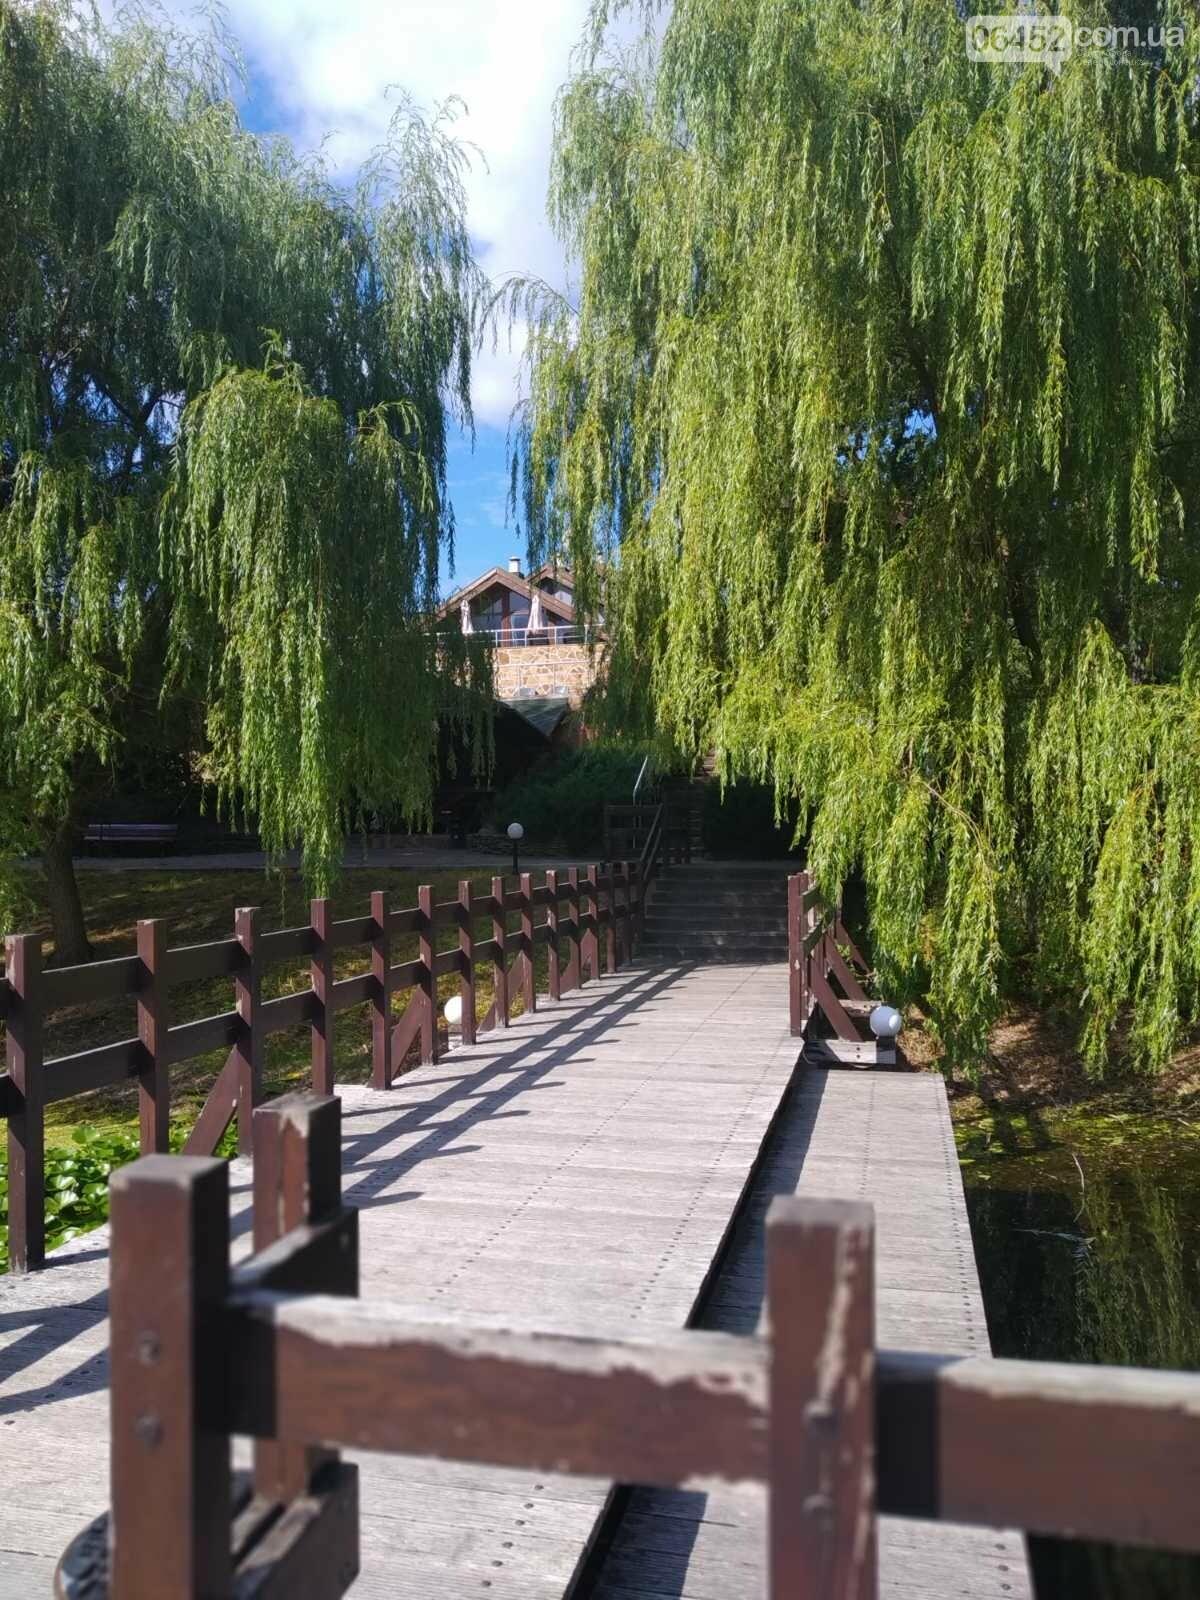 Европейский курорт в центре Луганщины: место из которого вы не захотите уезжать, фото-7